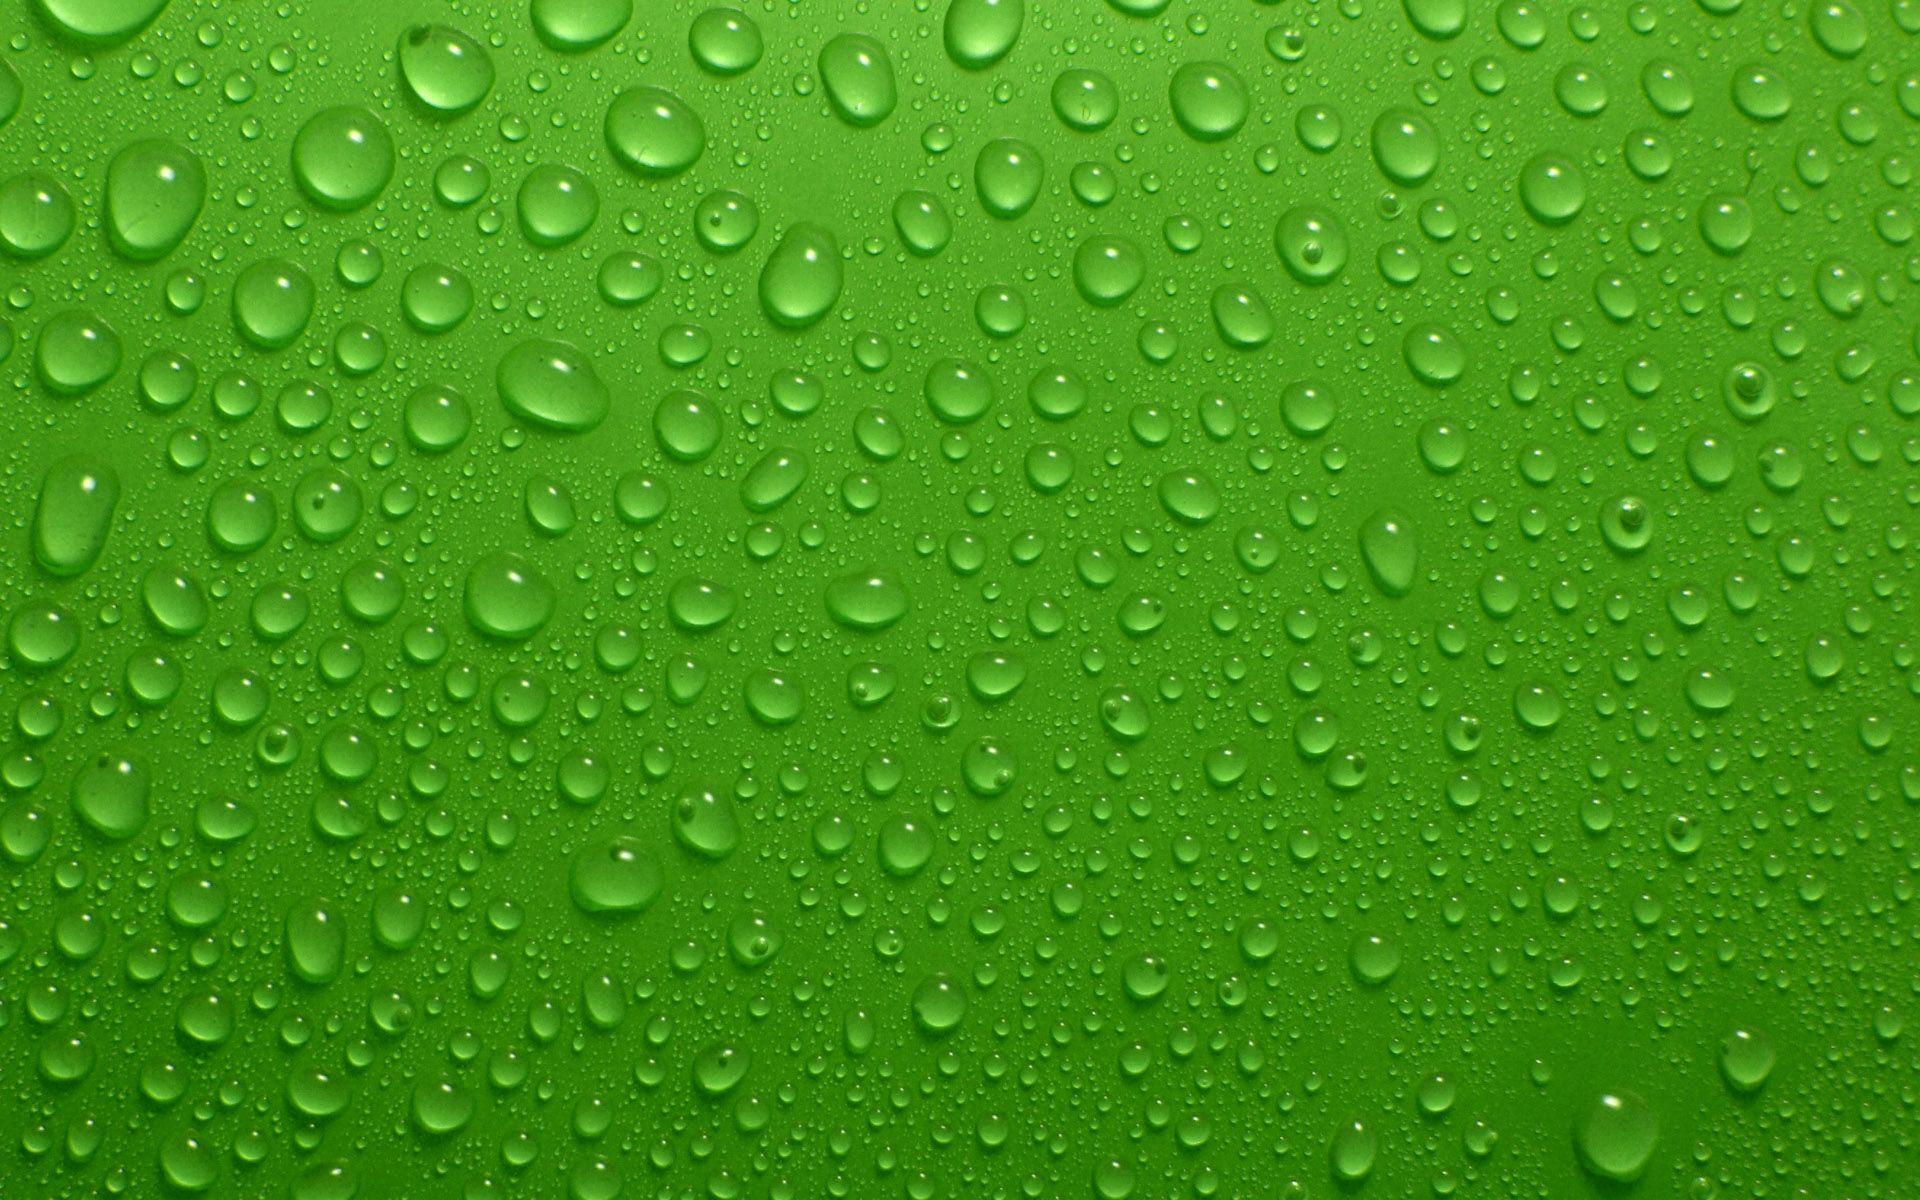 e03a321253f Fondos De Pantalla Agua Para Fondo Celular En Hd 26 HD Wallpapers ...